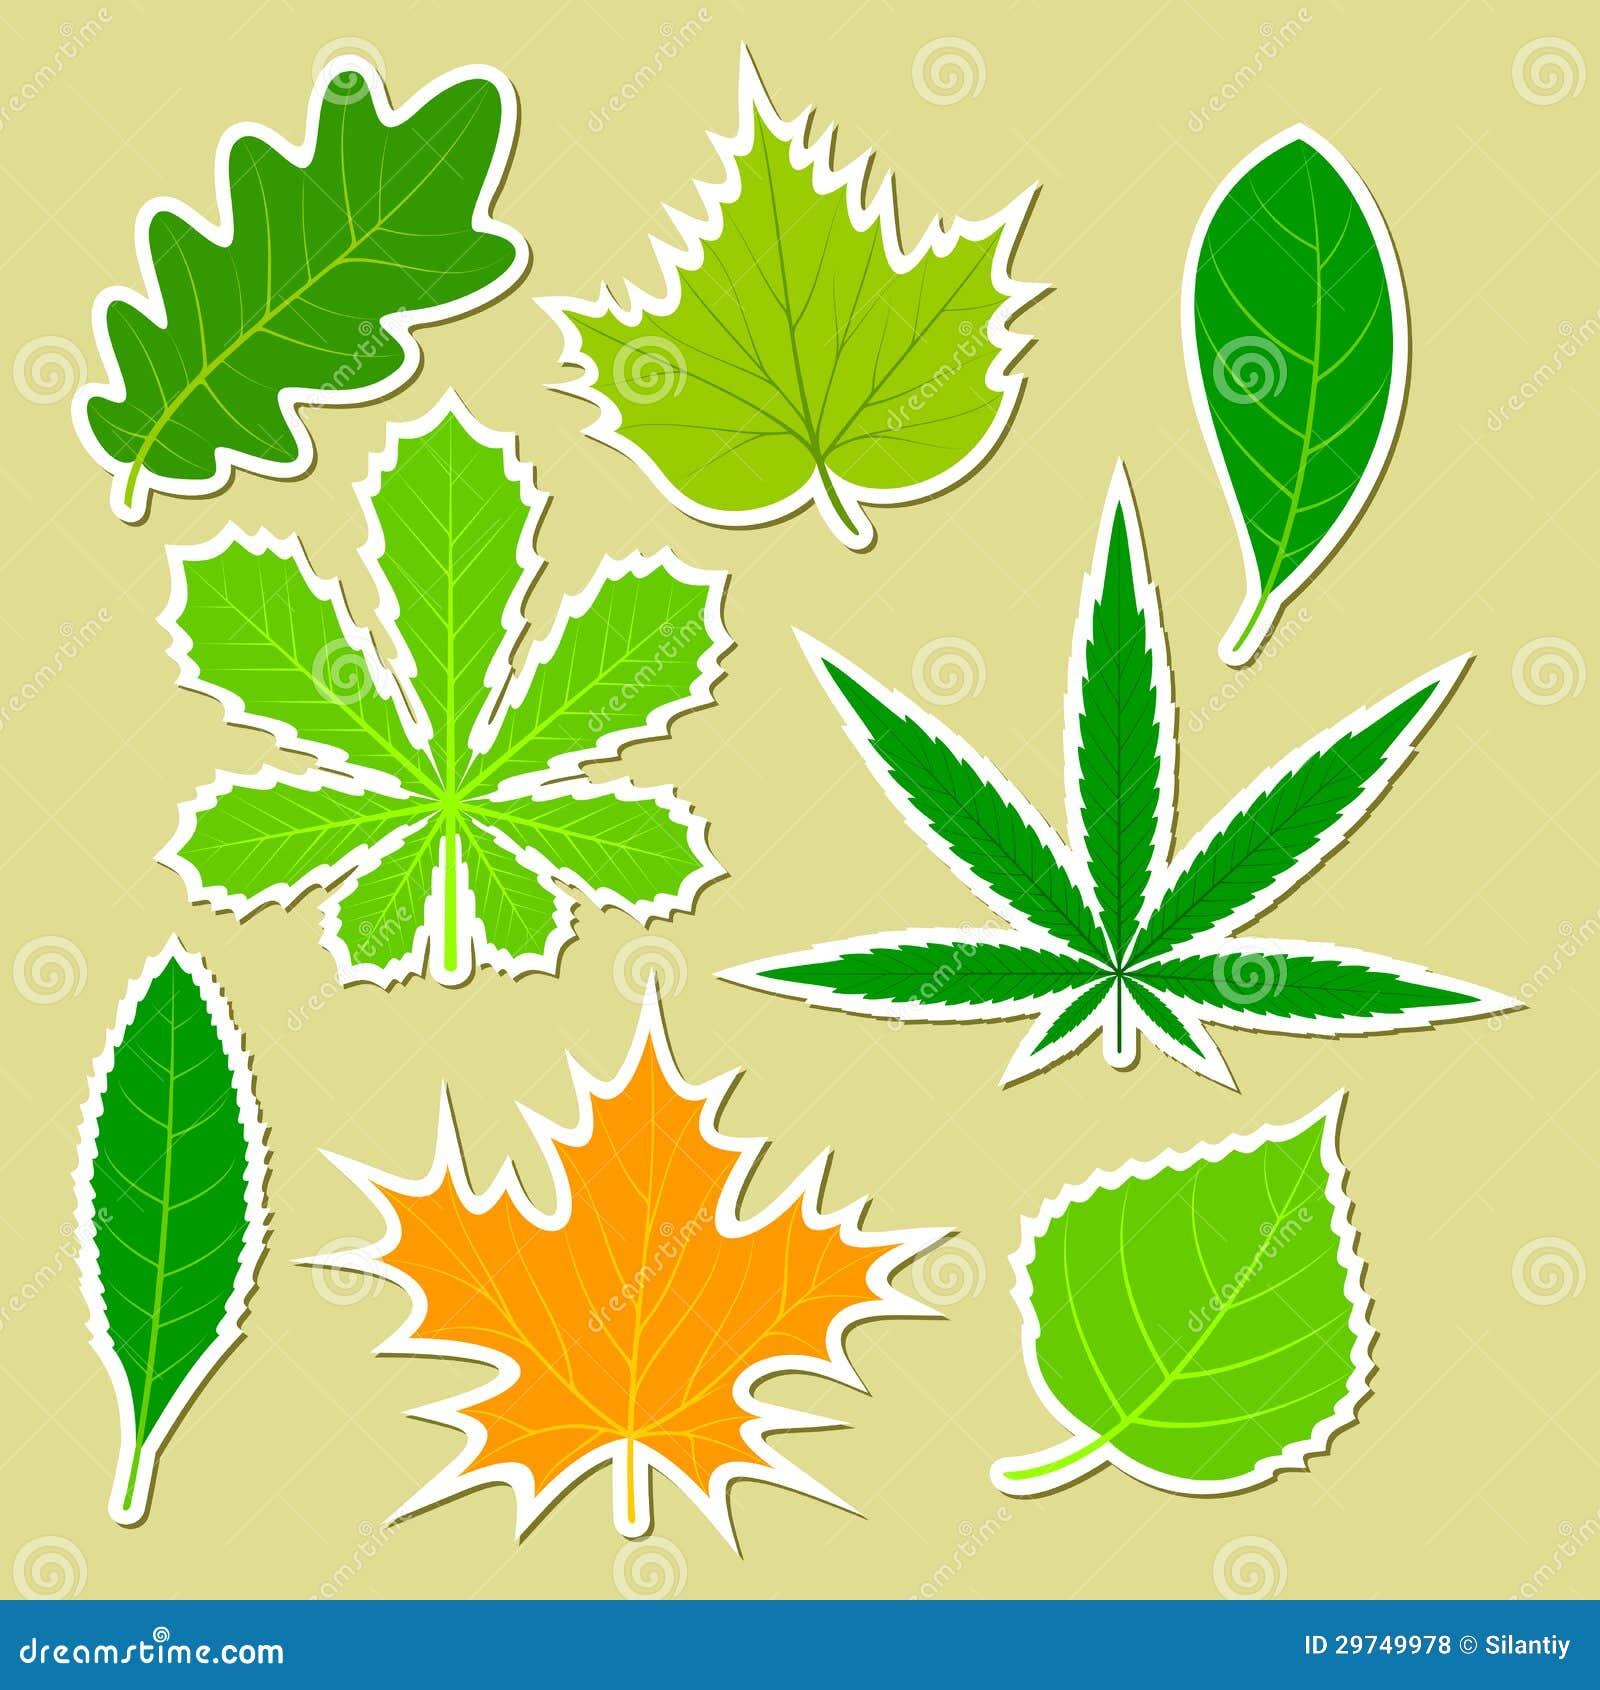 这个图片上是什么植物?叶子有点像散尾葵,但不是.图片